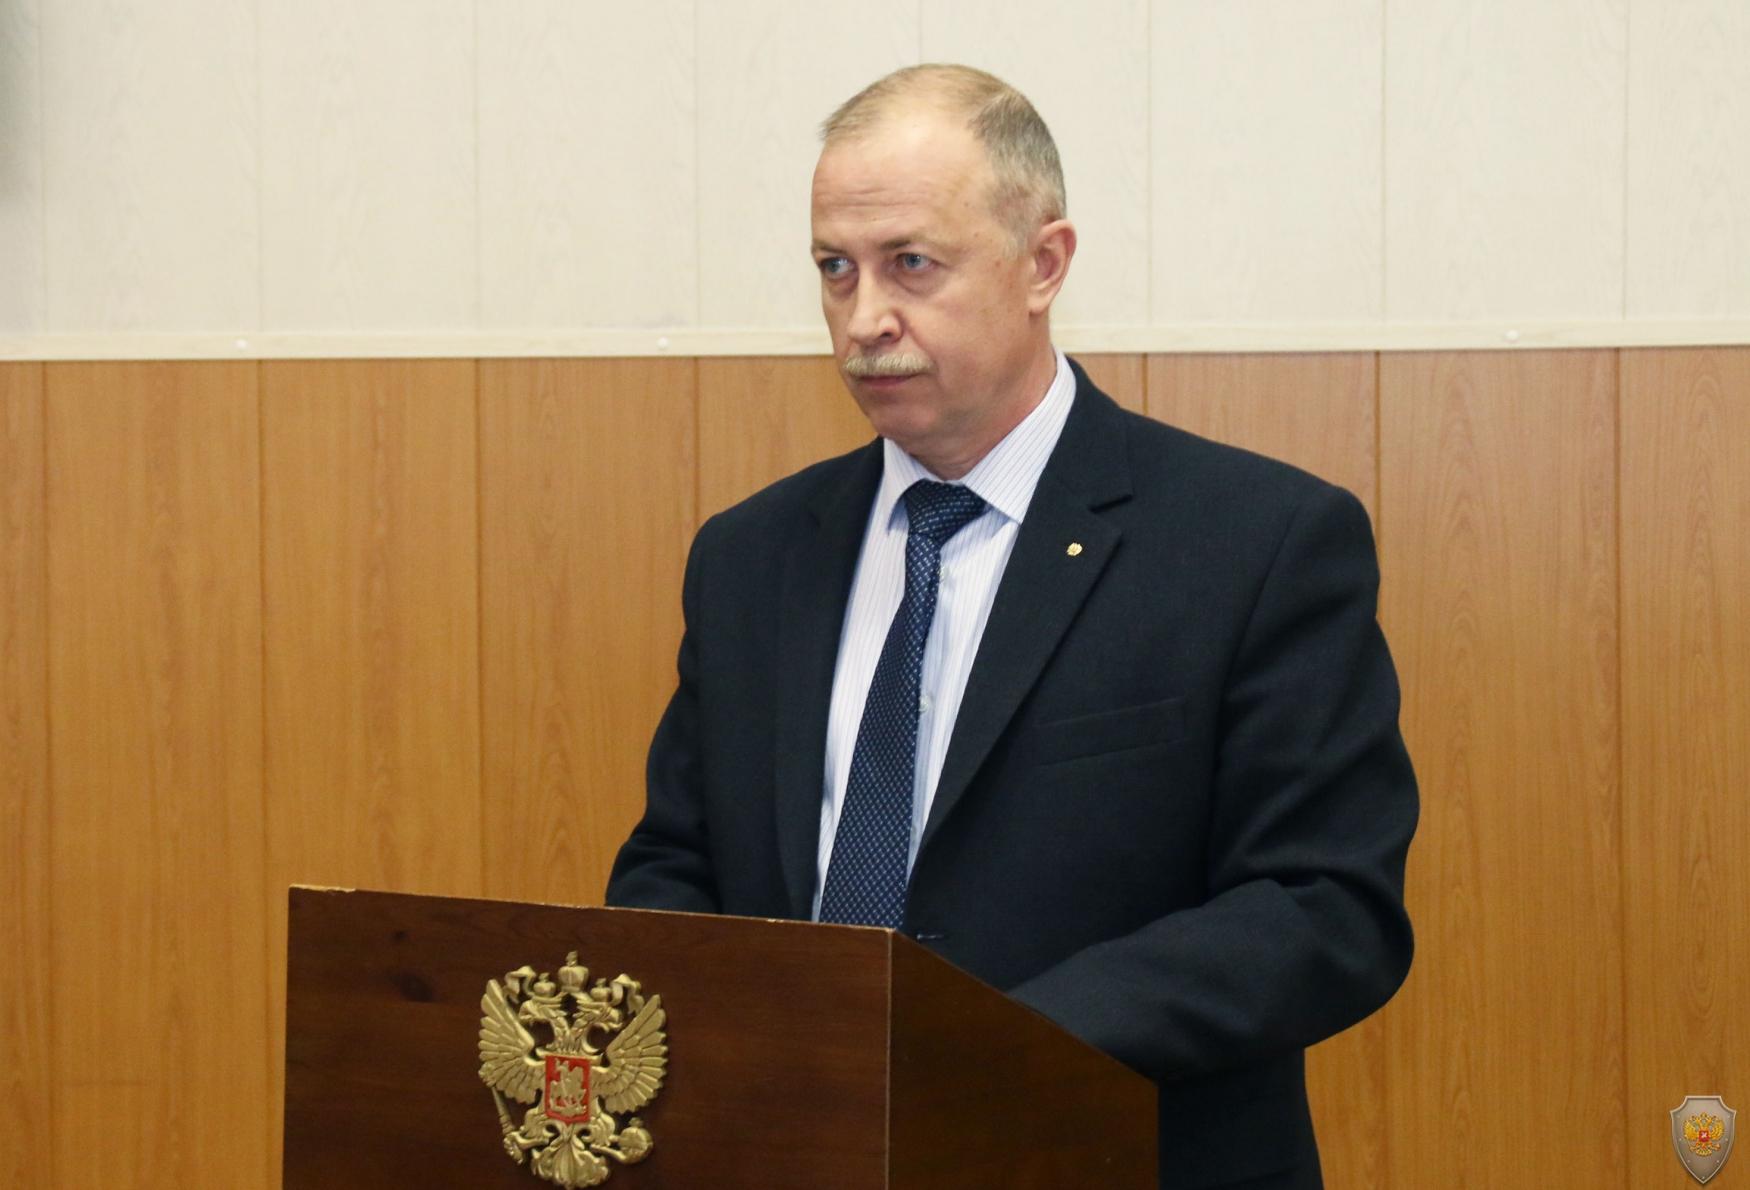 Состоялось совместное заседание антитеррористической комиссии и оперативного штаба в Республике Карелия